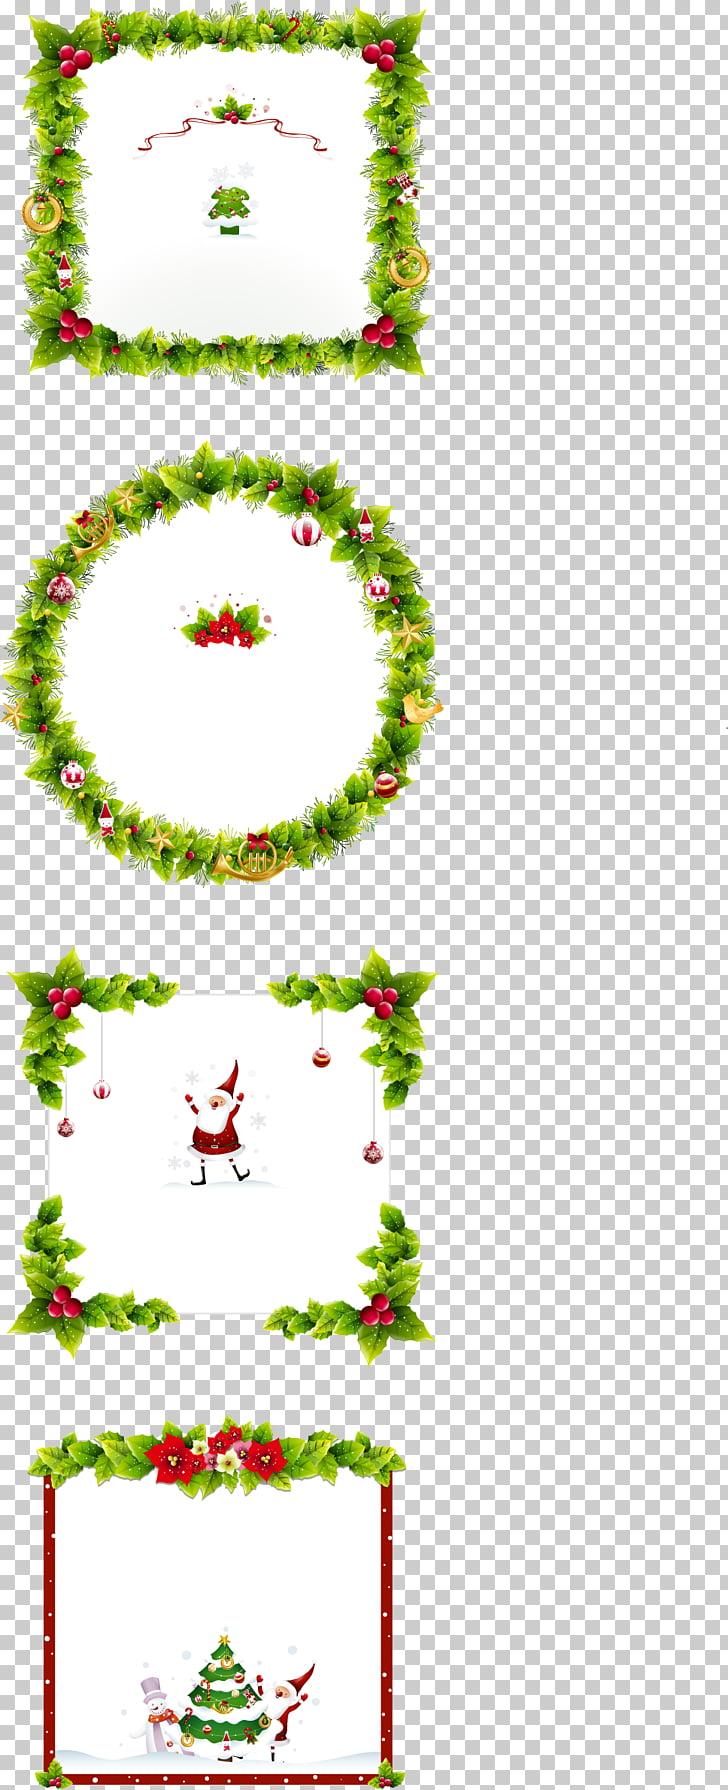 Christmas ornament frame , Christmas Borders free PNG.